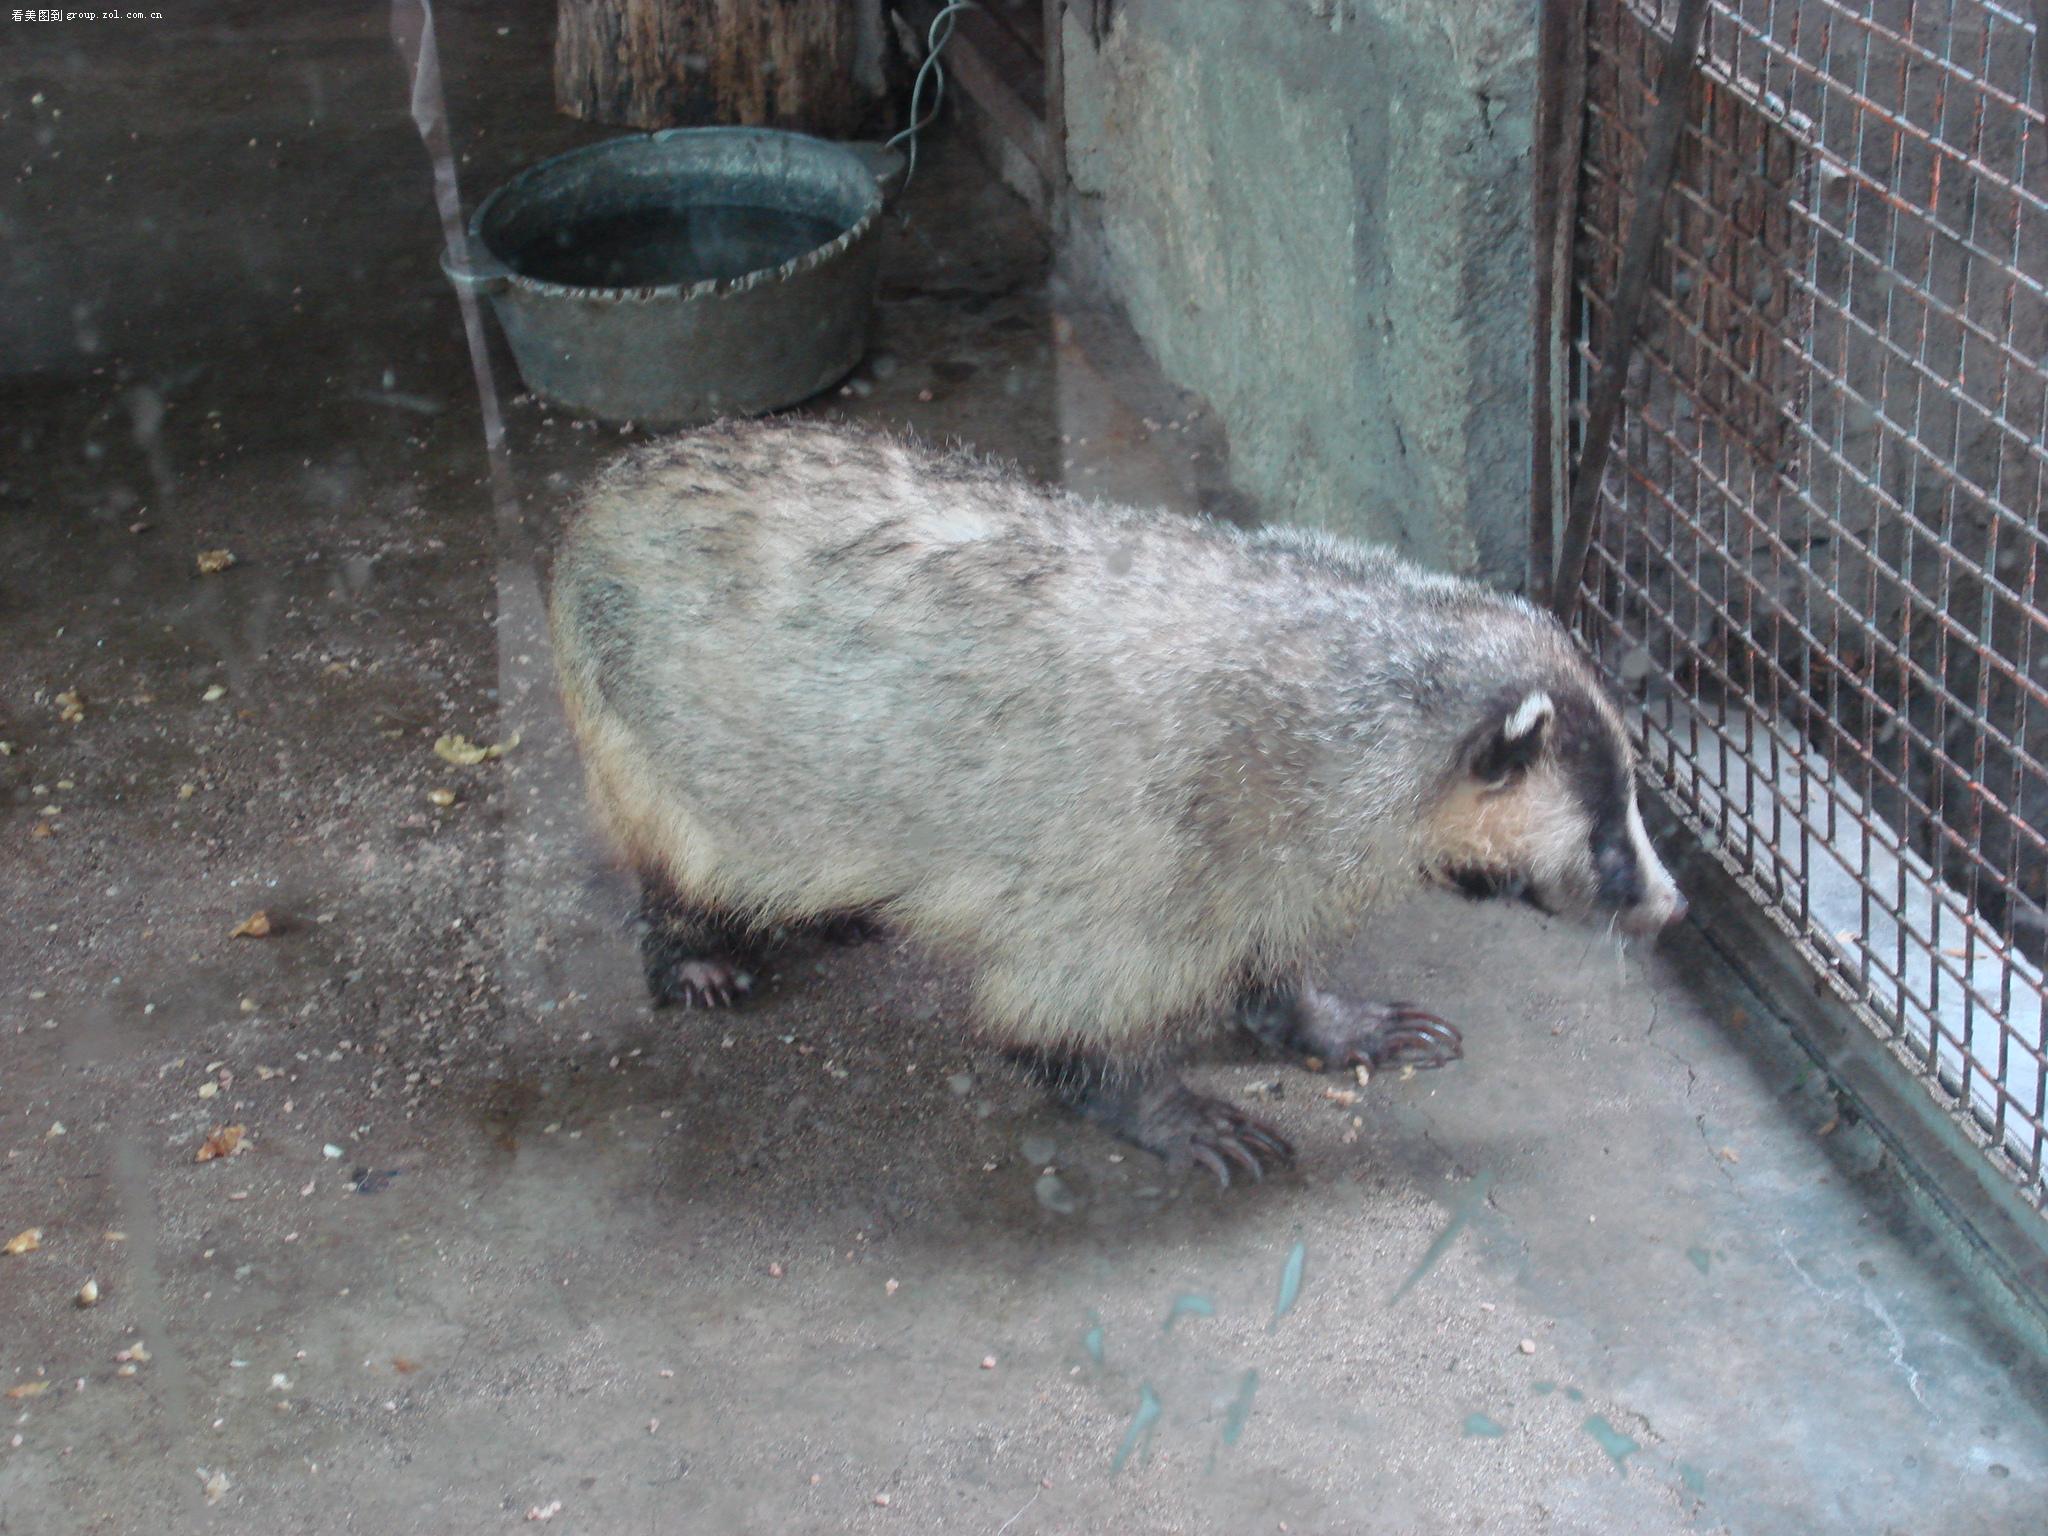 【北京动物园~~ 大家来看动物吧】